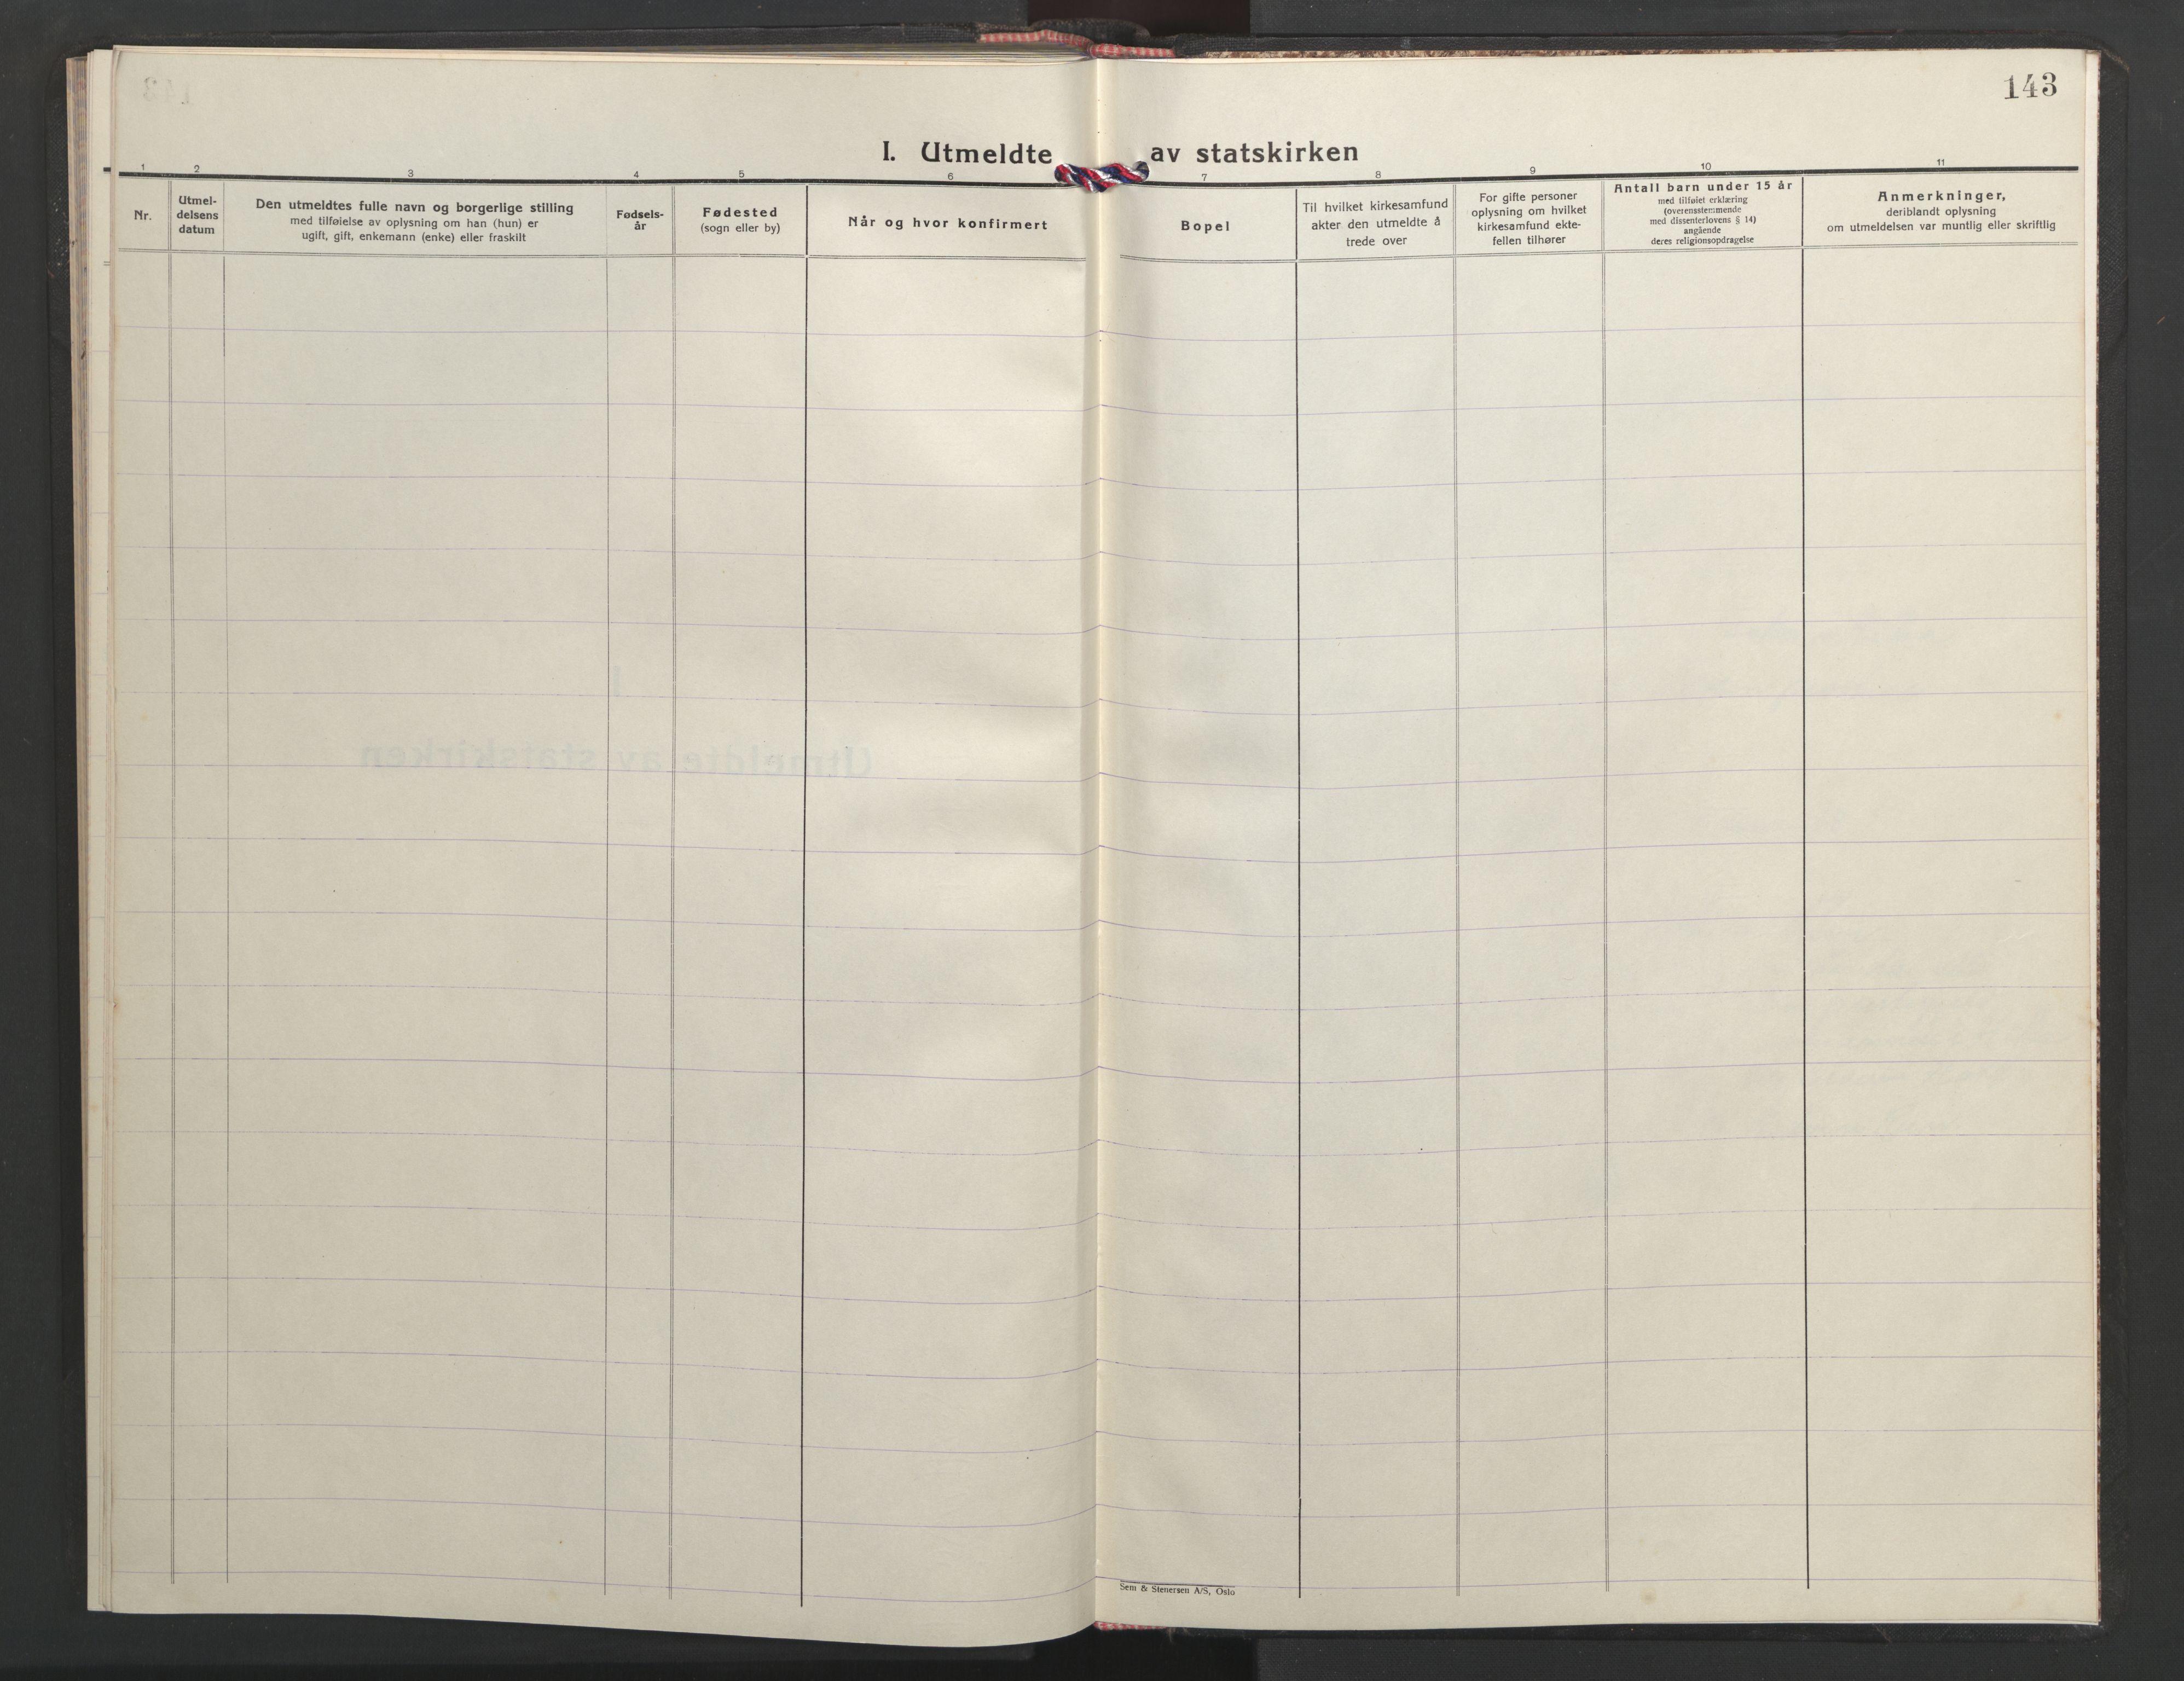 SAT, Ministerialprotokoller, klokkerbøker og fødselsregistre - Sør-Trøndelag, 635/L0556: Klokkerbok nr. 635C04, 1943-1945, s. 143